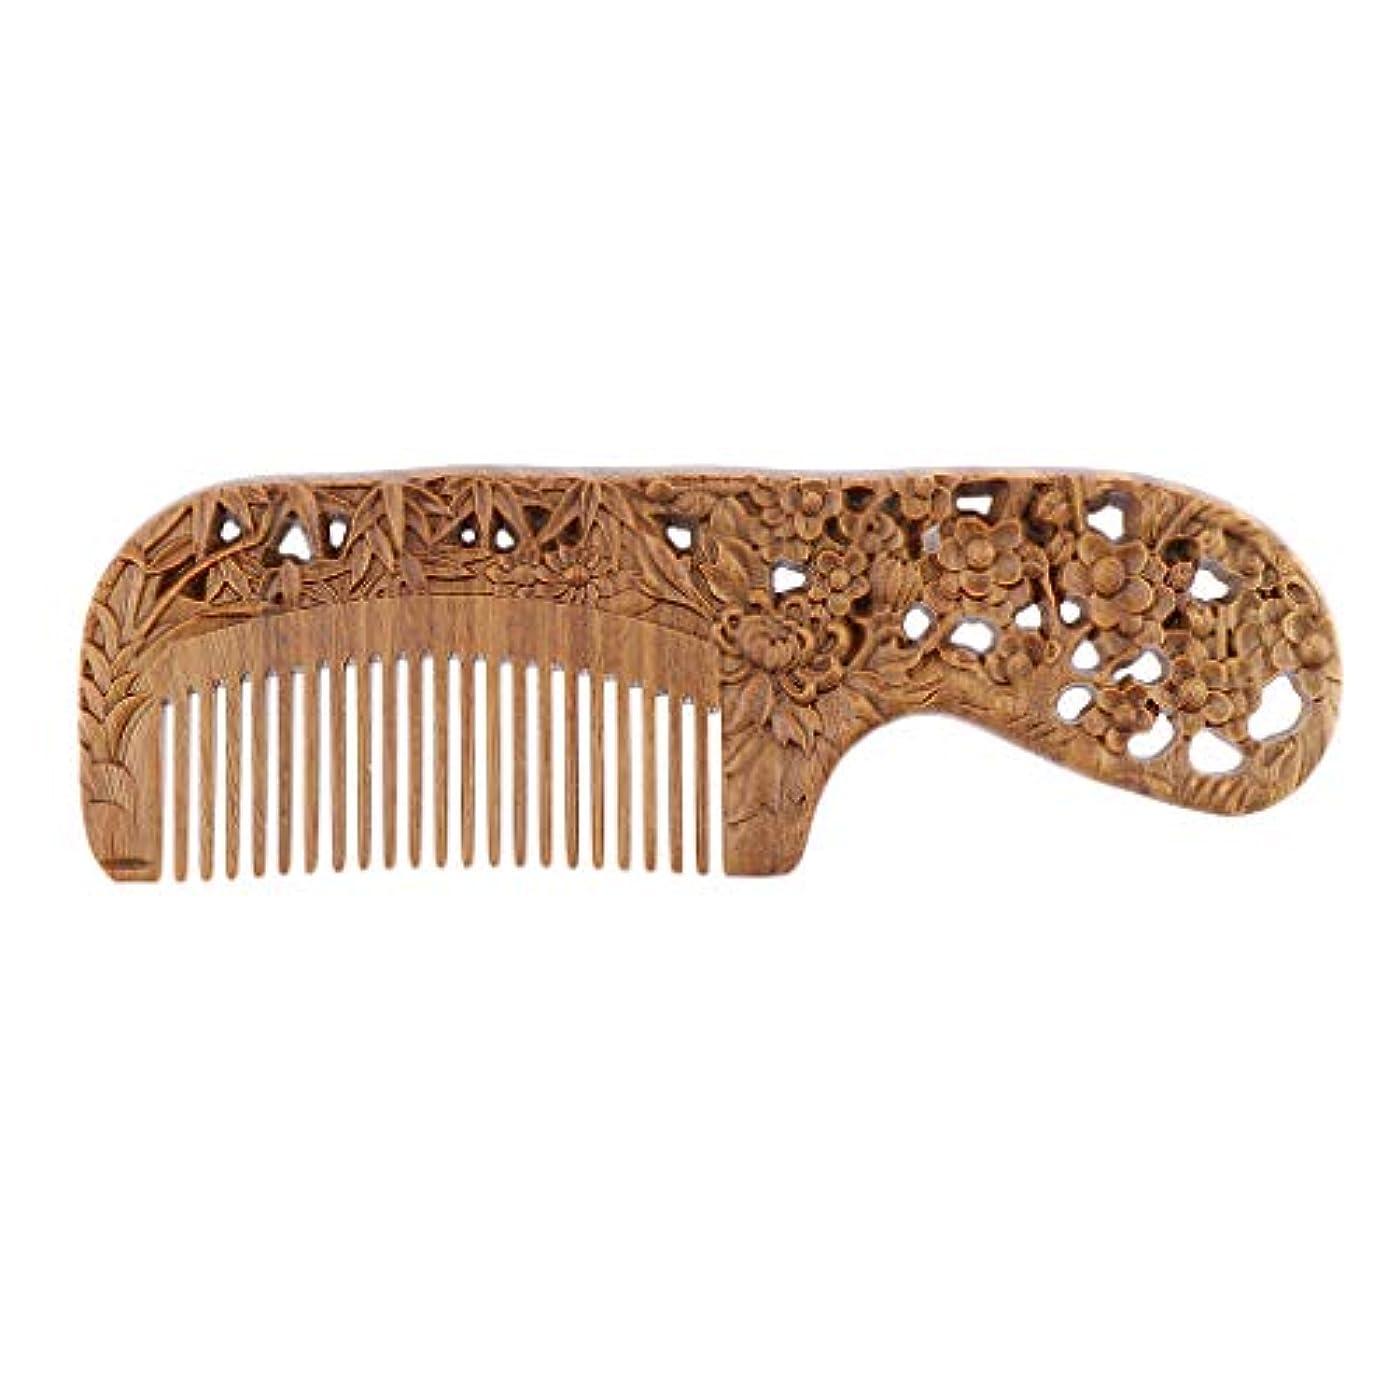 苦しみ適応的によるとB Blesiya 手作り 木製櫛 ヘアブラシ ヘアコーム 頭皮マッサージ レトロ 4タイプ選べ   - 17.8 x 5.6 x 11.5 cm